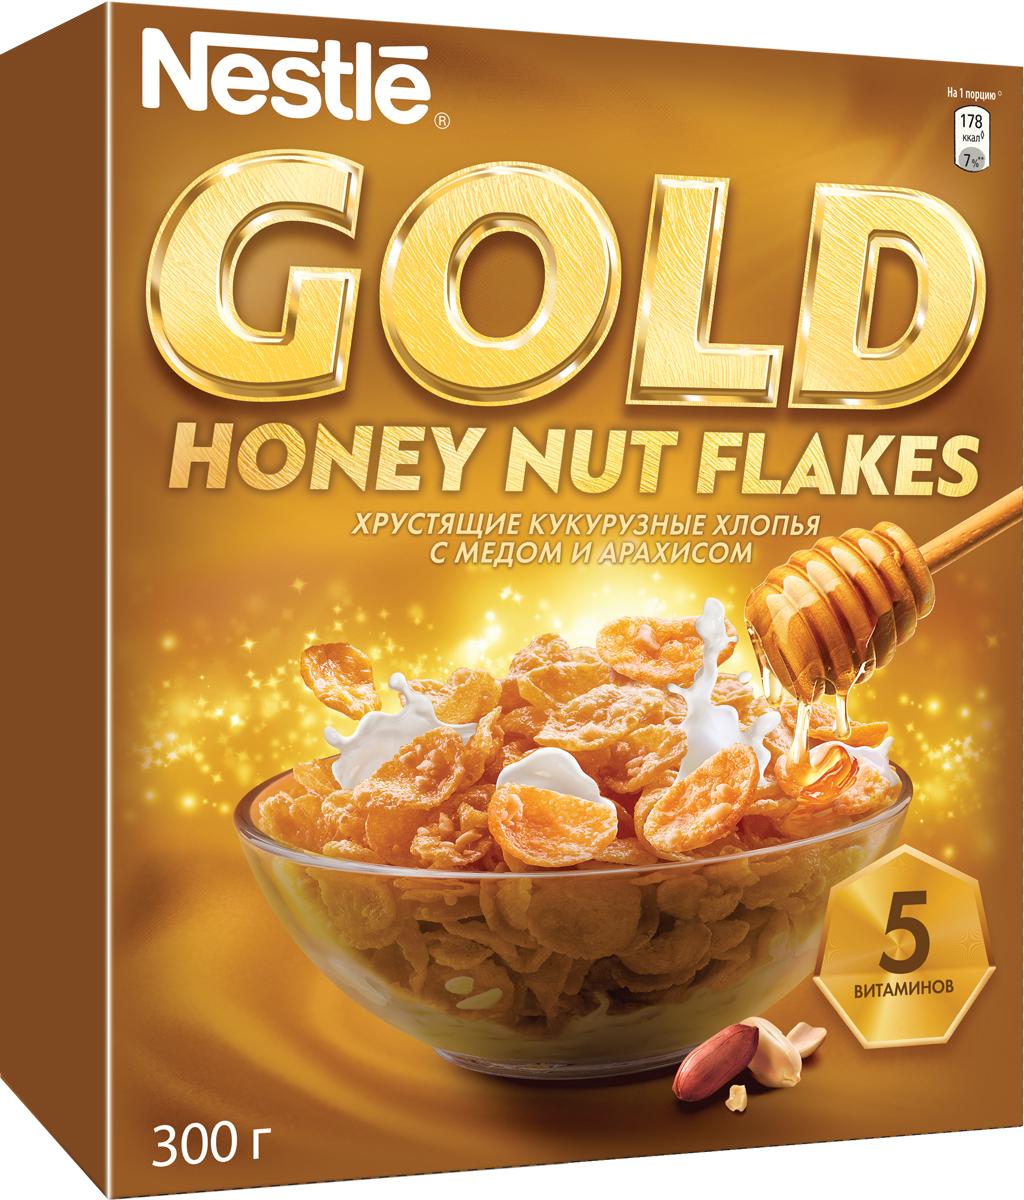 Nestle Gold Honey Nut Flakes готовый завтрак, 300 г0120710Готовый завтрак Nestle Gold Honey Nut Flakes - это отличный завтрак для всей семьи. Хрустящие кукурузные хлопья с медом и арахисом дополнительно обогащены комплексом витаминов. Каждая порция готового завтрака более чем на 15% удовлетворяет рекомендуемую суточную потребность в витаминах B2, B3 (ниацине), B5 (пантотеновой кислоте), B6 и B9 (фолиевой кислоте). Вы любите начинать утро с полезного, качественного и вкусного завтрака? Вы привыкли выбирать для себя только самое лучшее? Тогда кукурузные хлопья с медом и арахисом Gold Honey Nut Flakes - для вас! Хлопья рекомендуется употреблять с молоком, кефиром, йогуртом или соком. Уважаемые клиенты! Обращаем ваше внимание на то, что упаковка может иметь несколько видов дизайна. Поставка осуществляется в зависимости от наличия на складе.